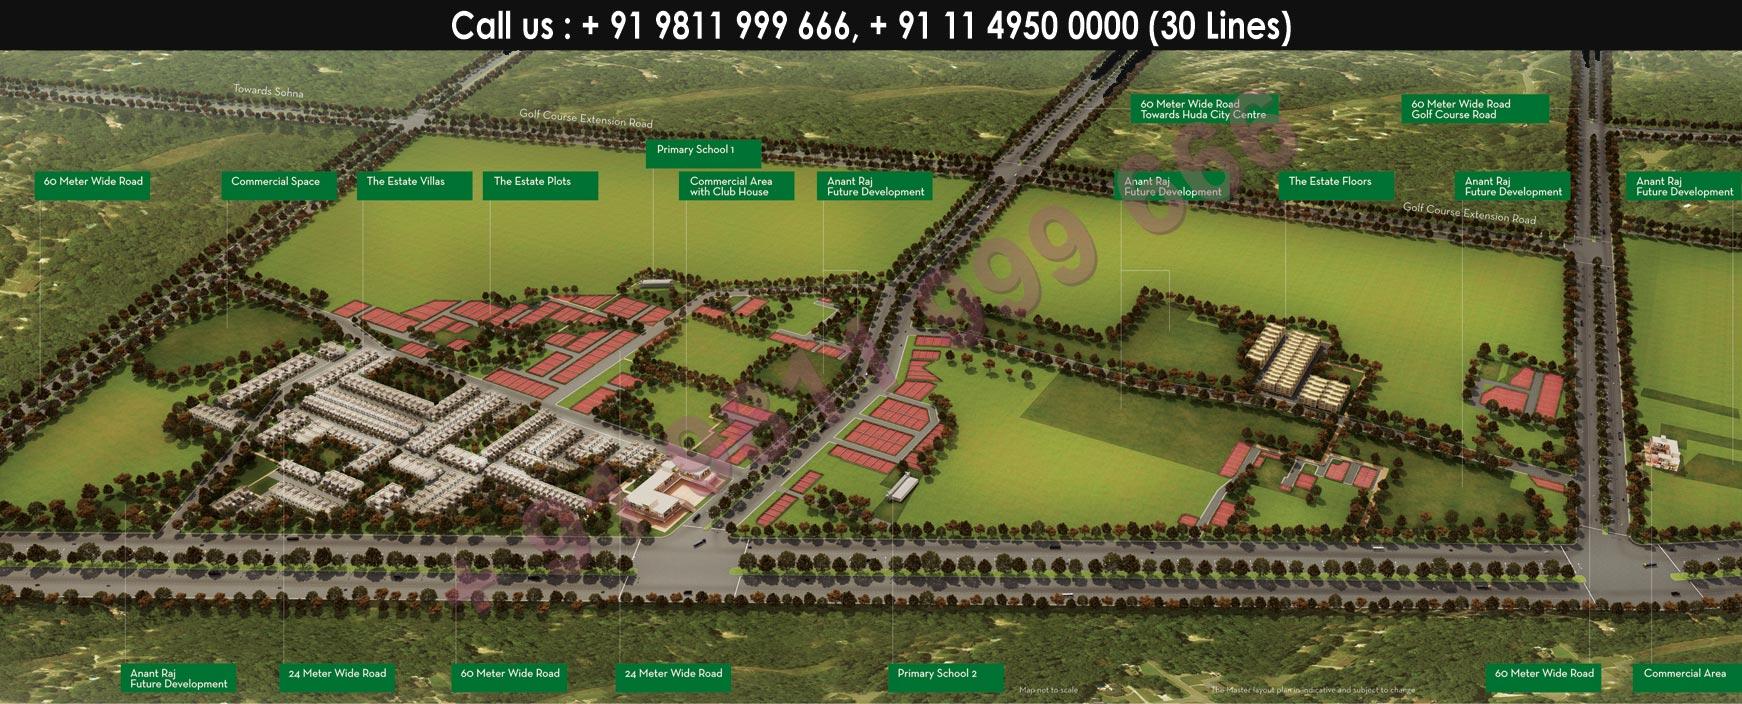 Anantraj Estate Villas Master Plan